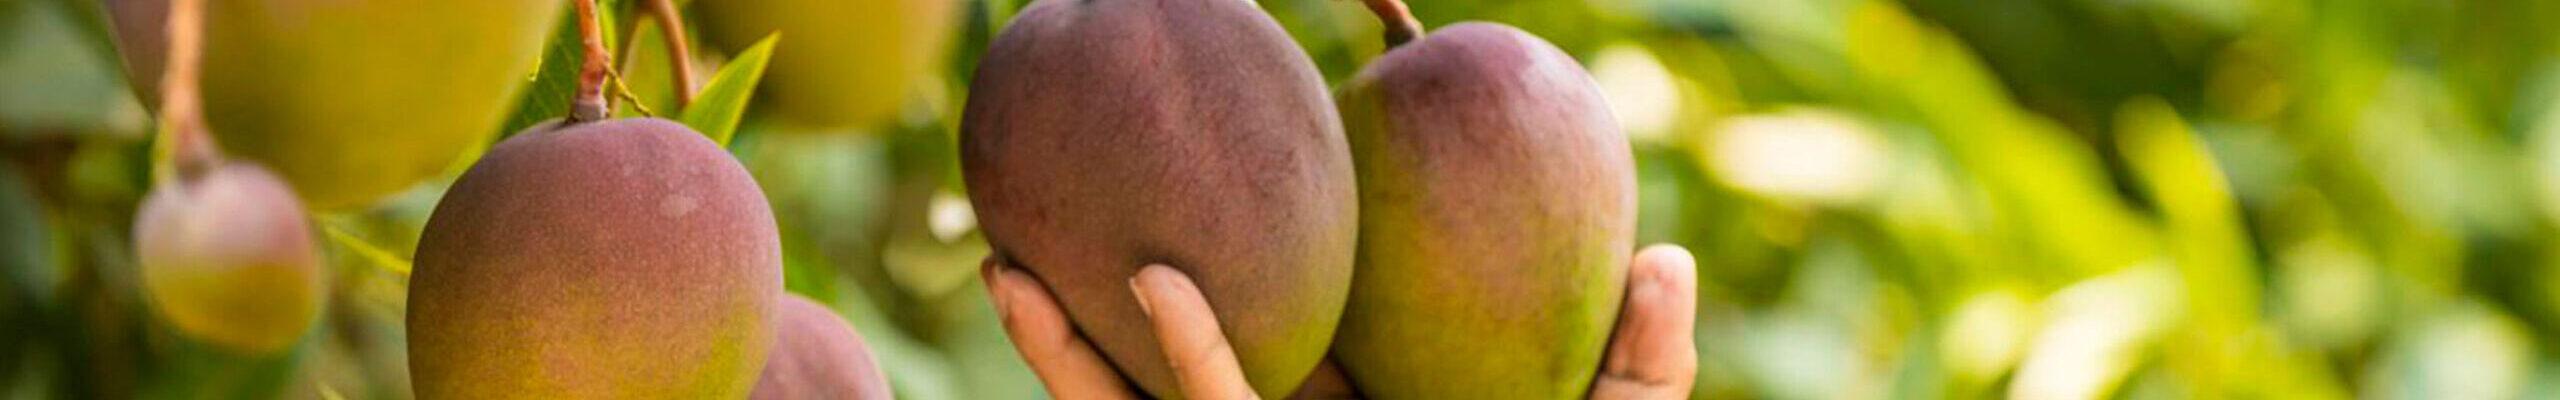 Ayco Mango